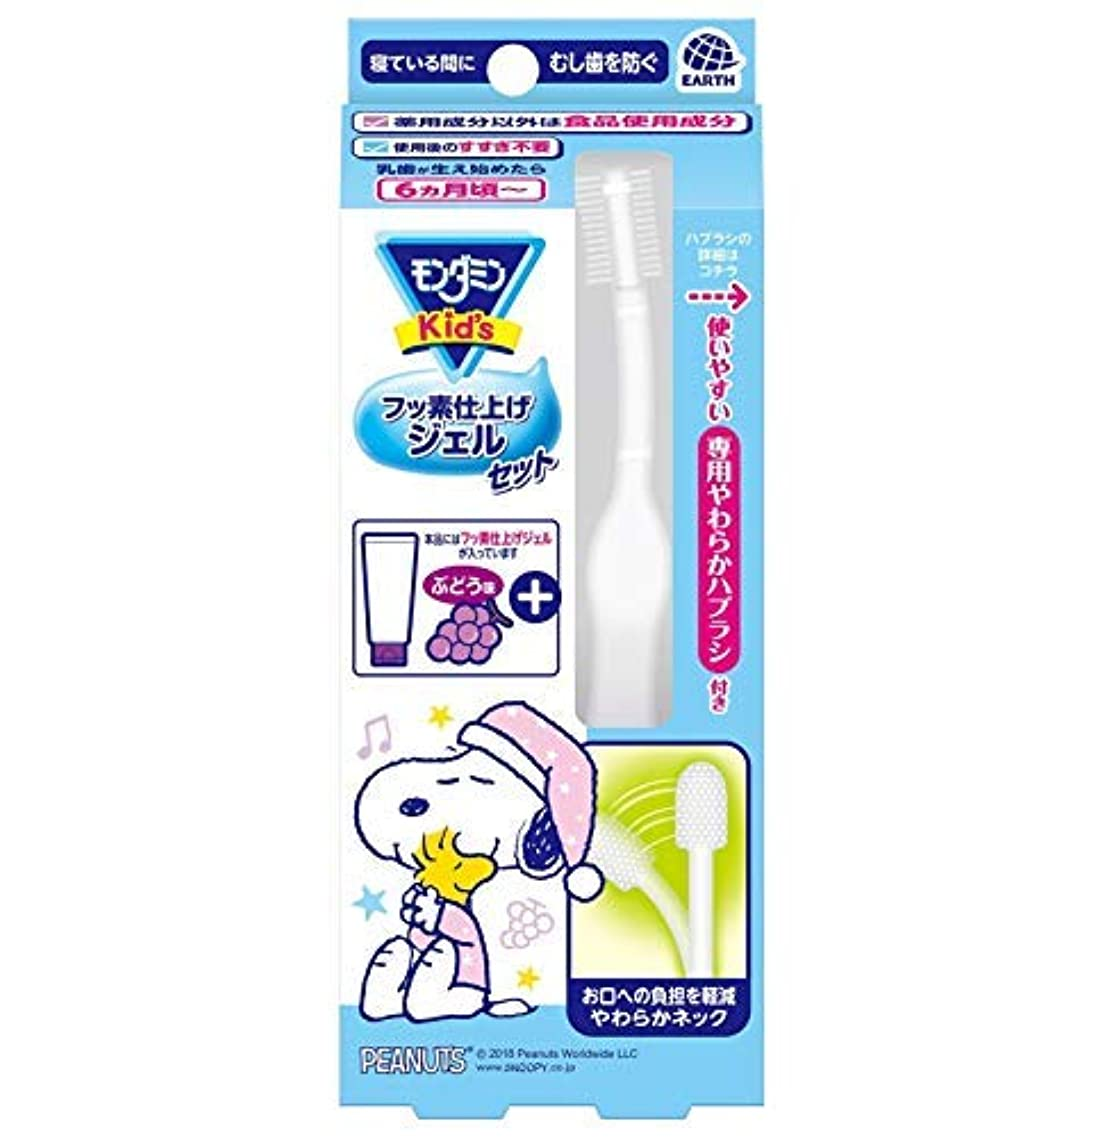 ぬれた取り出すコークスモンダミンKid's フッ素仕上げジェルセット ぶどう味 × 4個セット